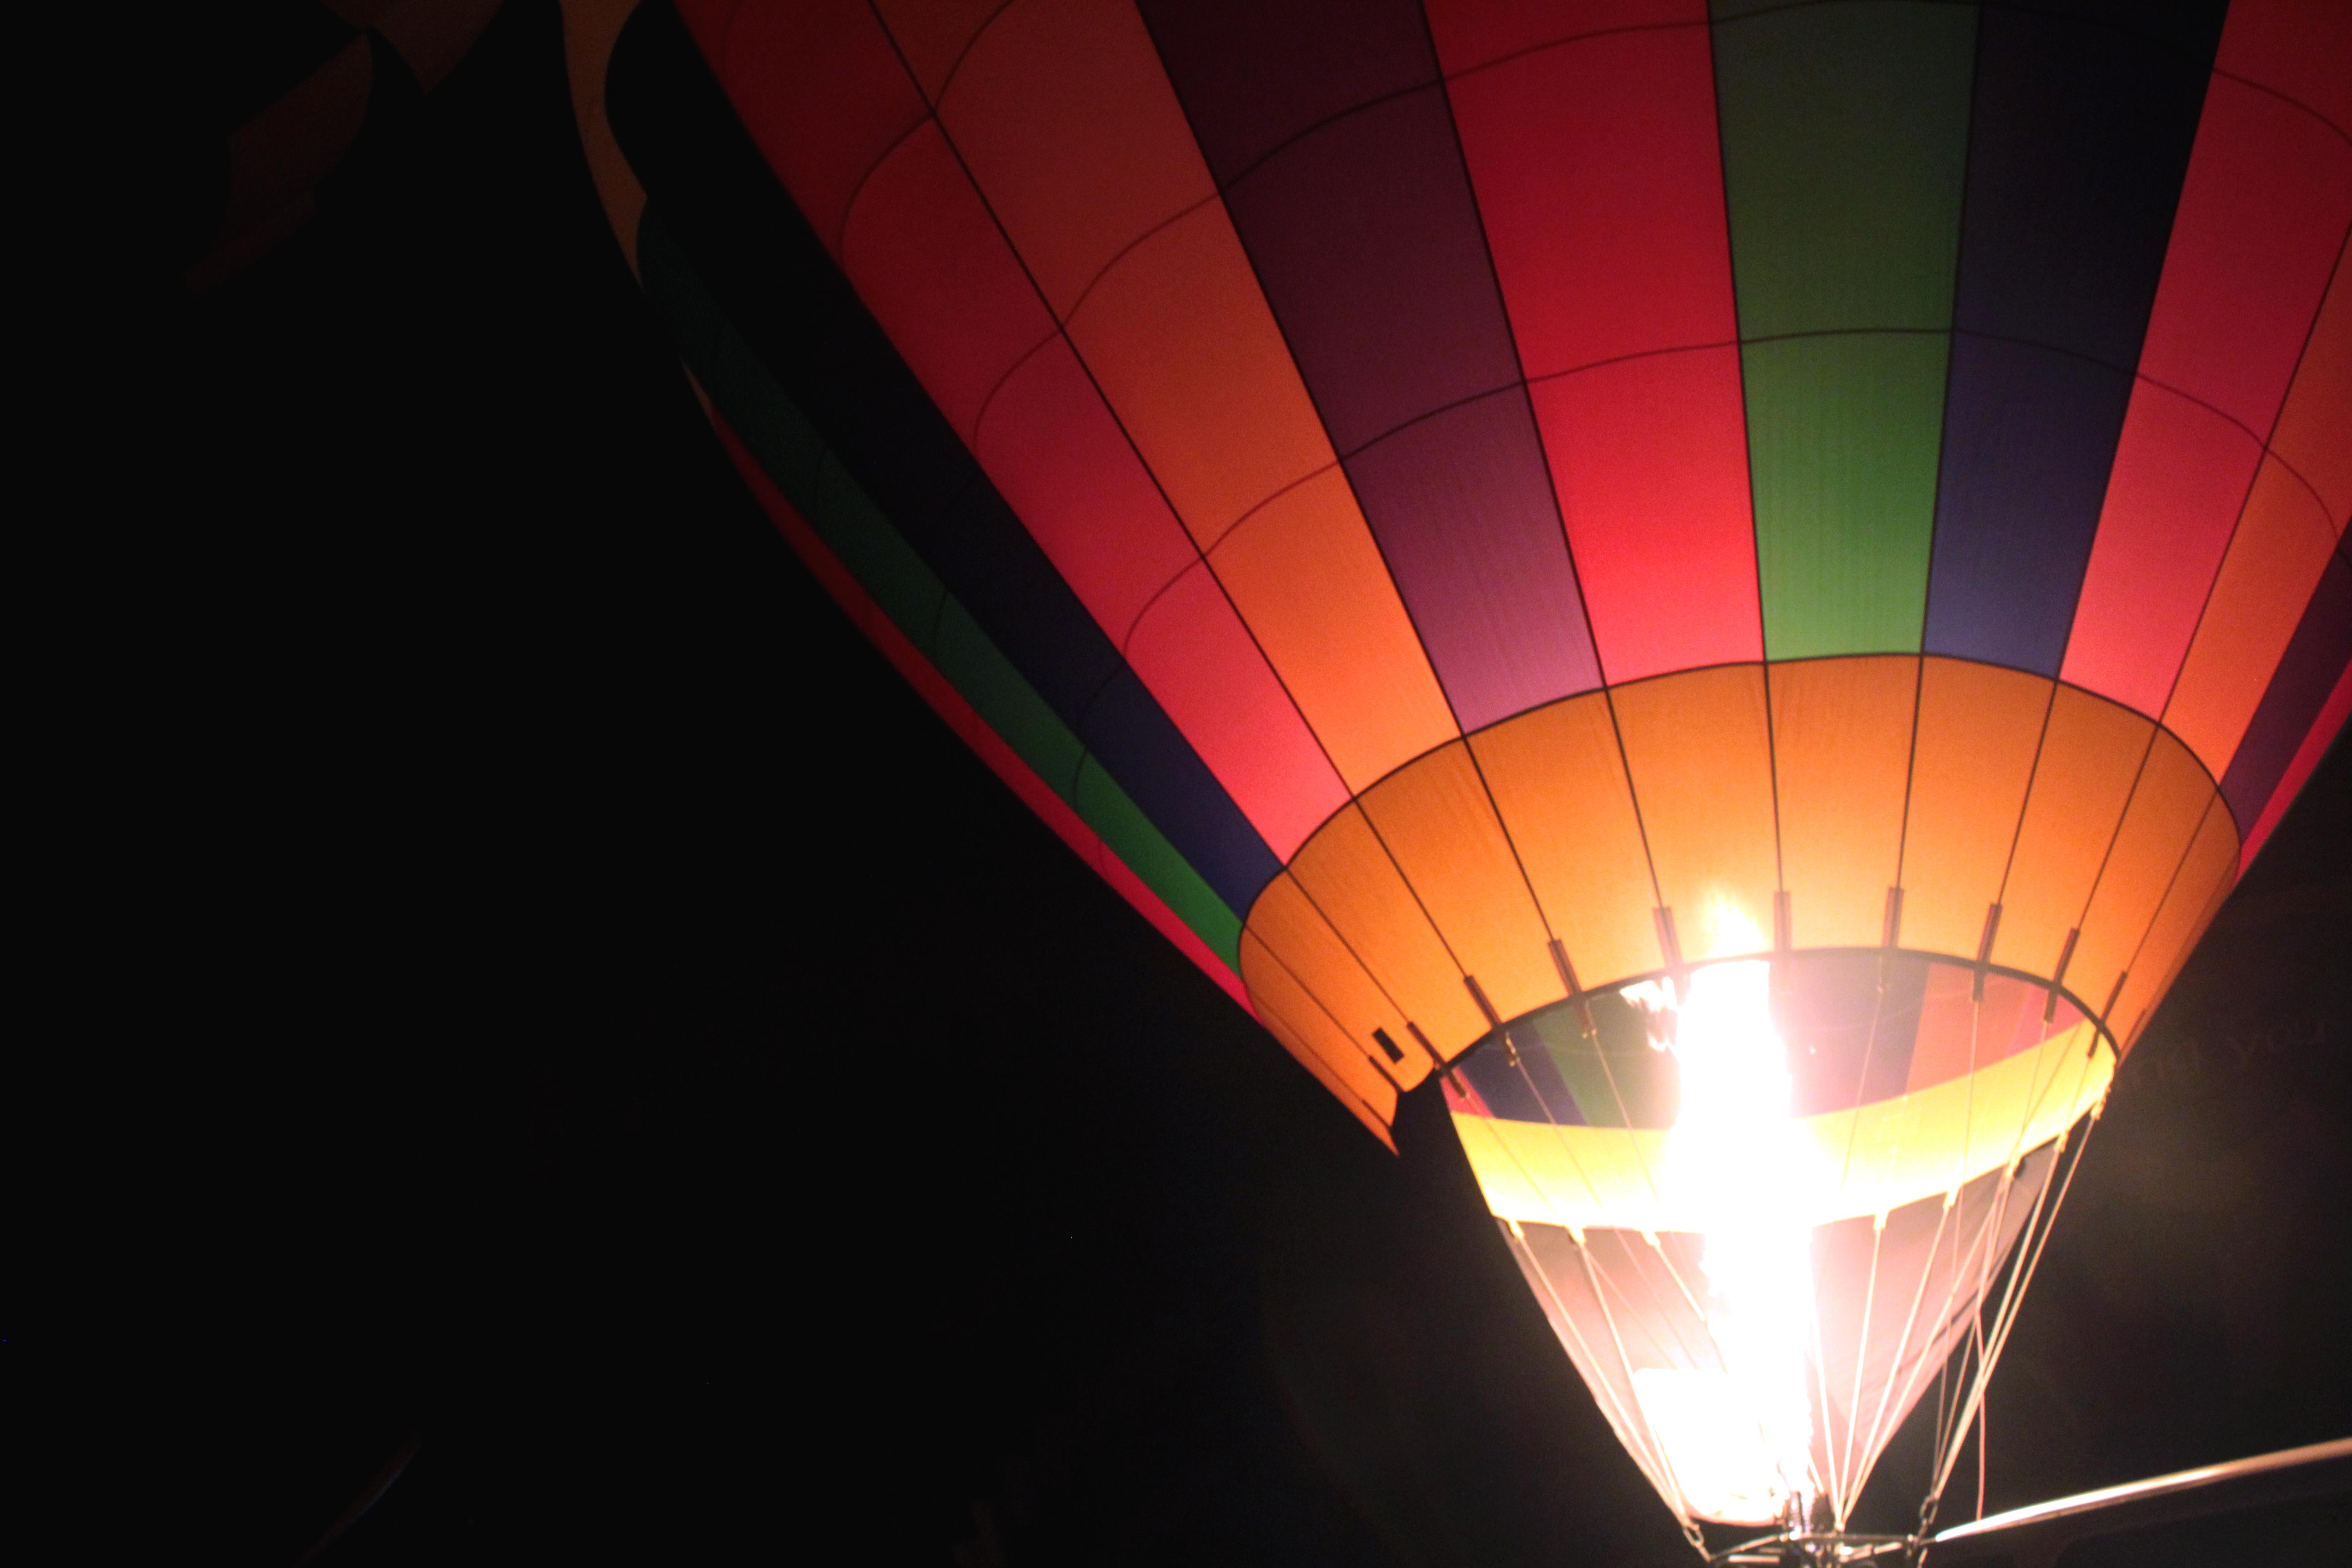 Ballonnen Met Licht : Kostenlose foto flügel licht ballon reise flugzeug fahrzeug